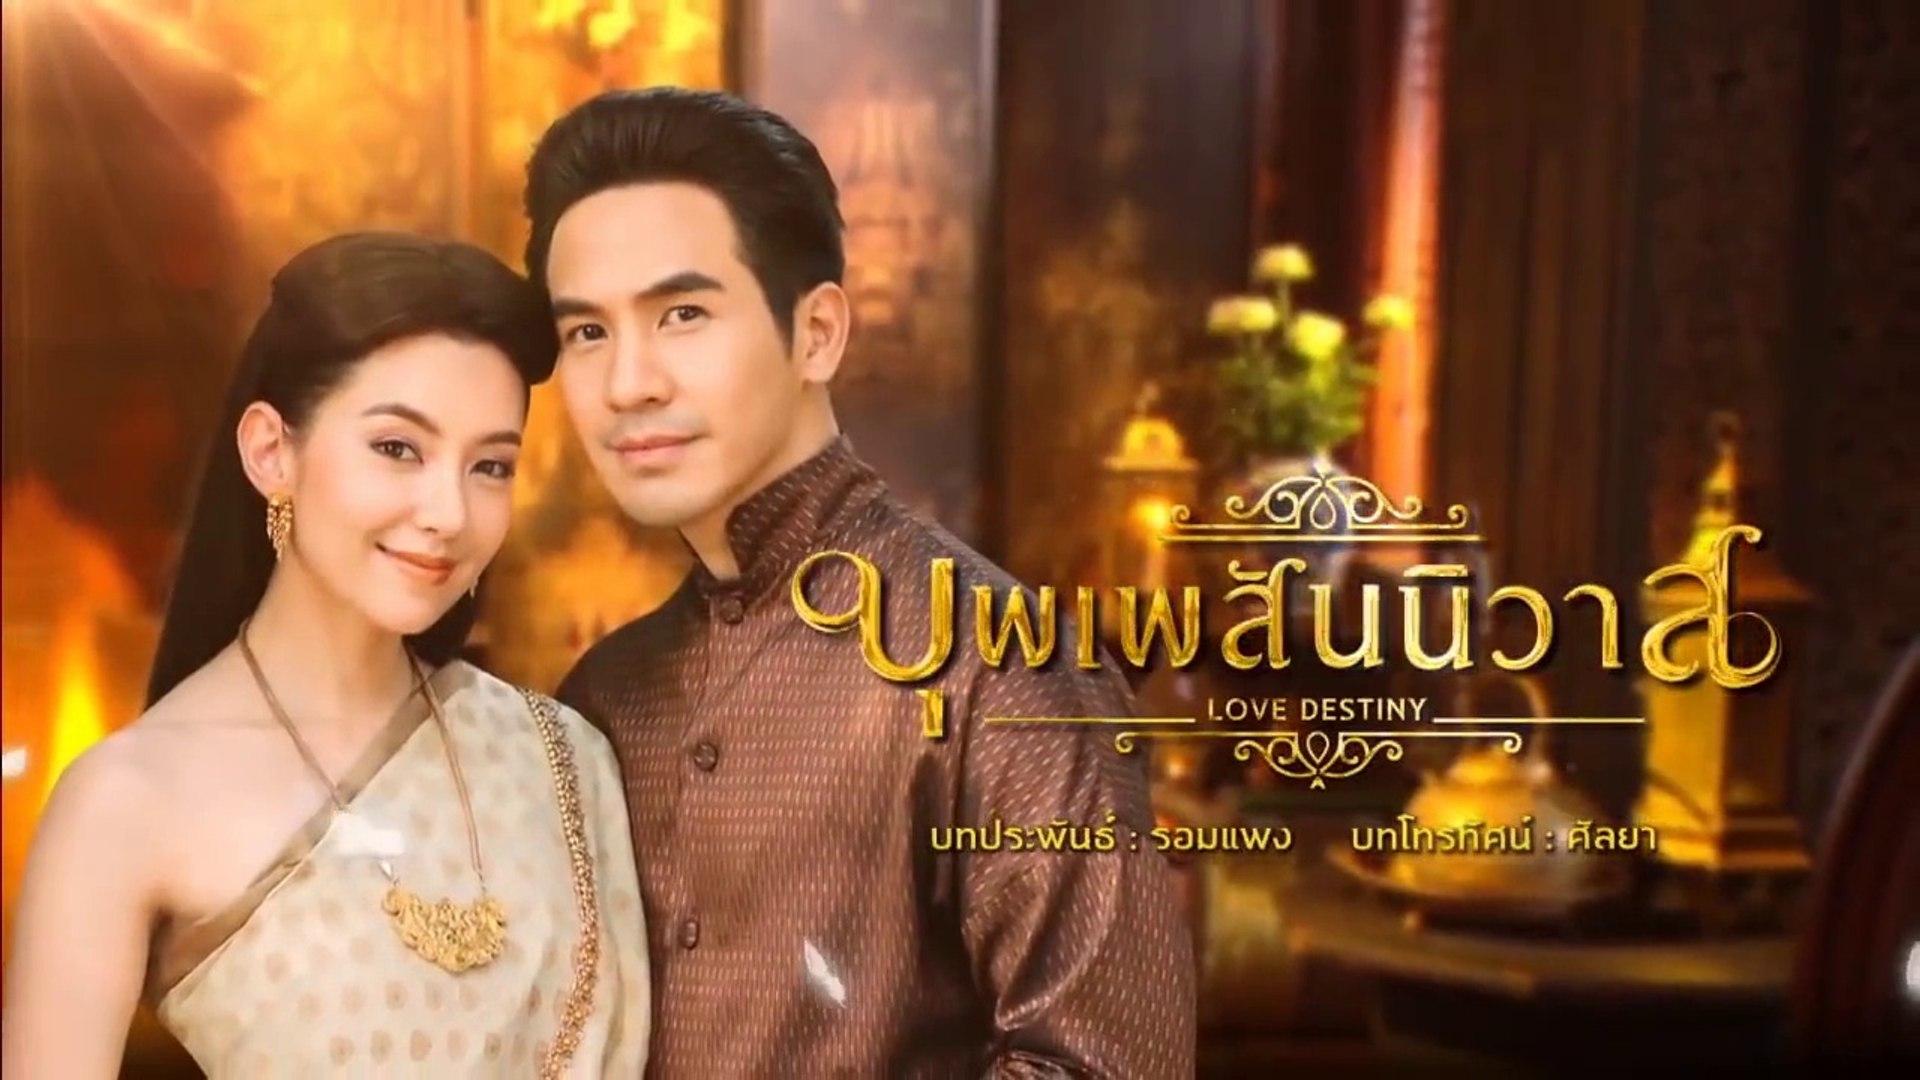 Phim Thái Lan hay về đề tài xuyên không thì không thể không nhắc đến Ngược dòng thời gian để yêu anh